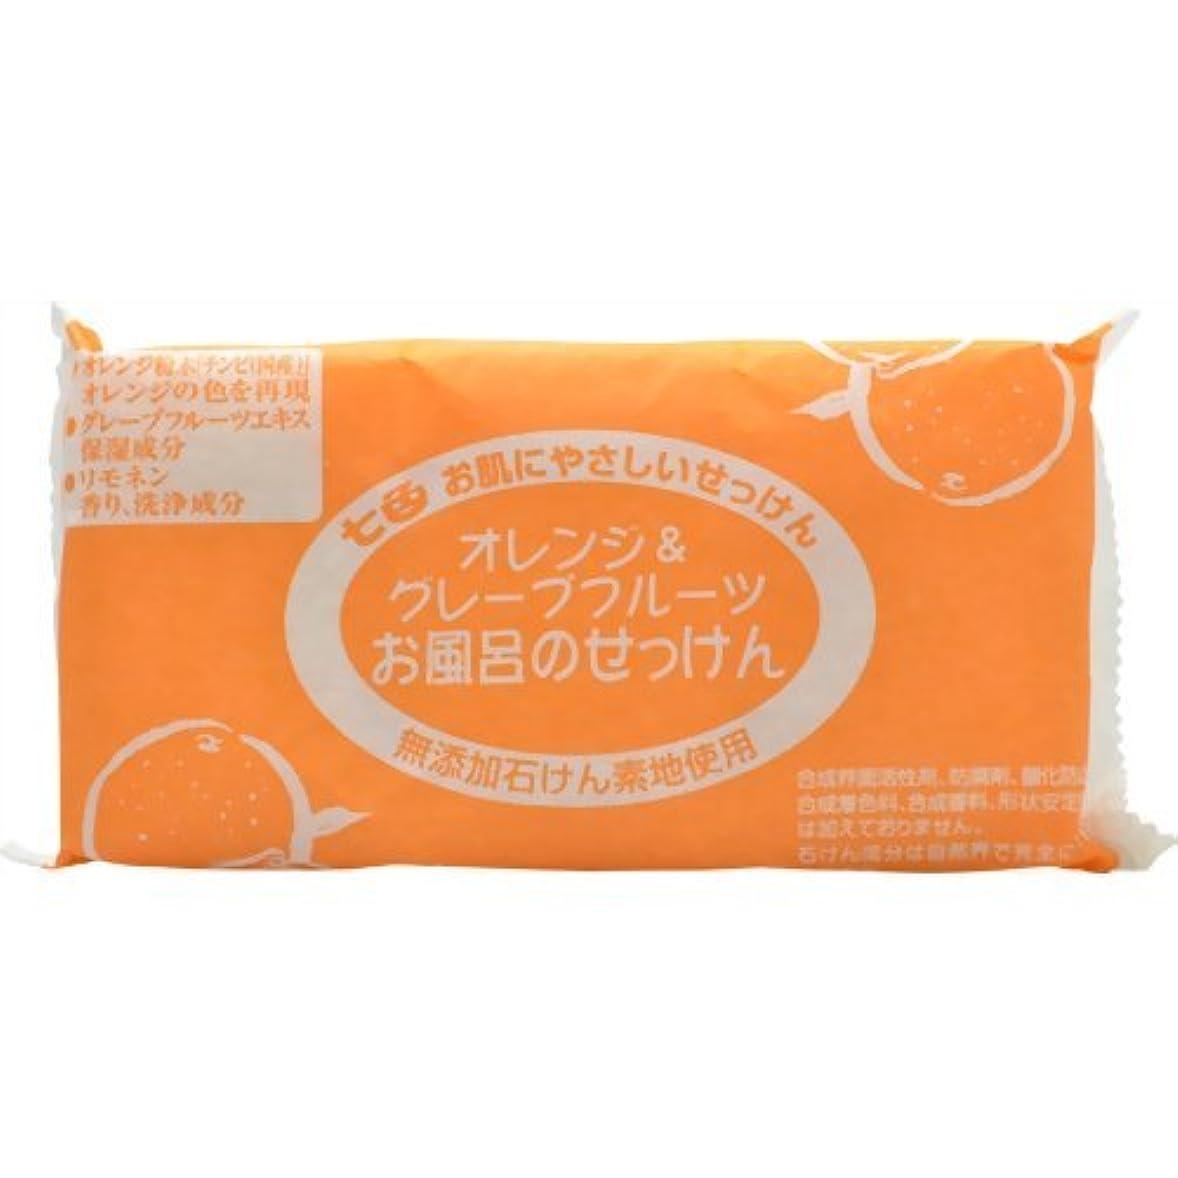 気候一月日食まるは オレンジ&グレープフルーツ お風呂の石鹸 3個入り